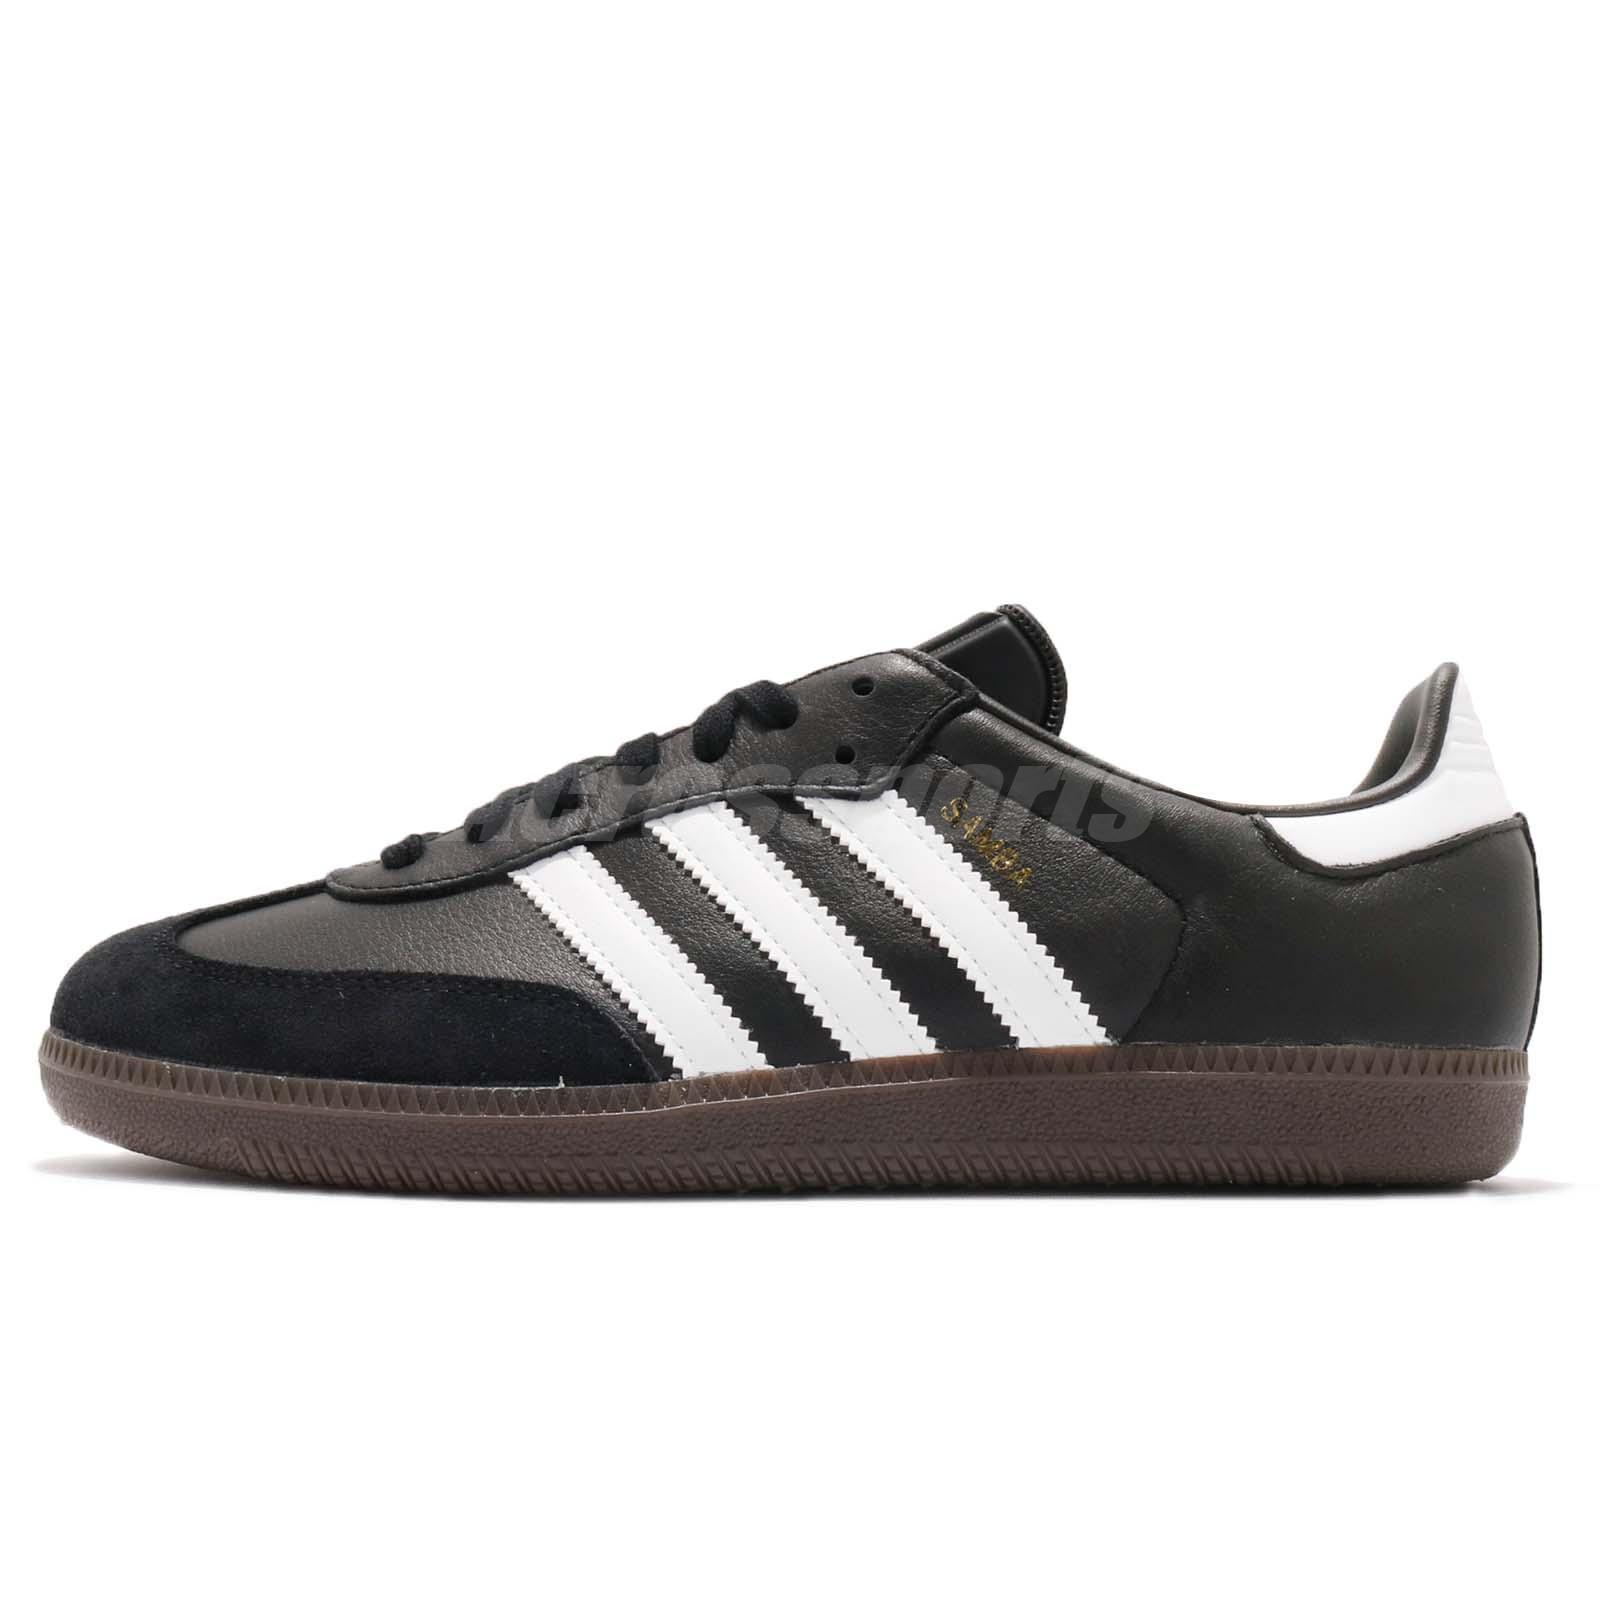 4accf5e939 adidas Originals Samba OG Classic Black White Gum Men Casual Shoe Sneaker  BZ0058